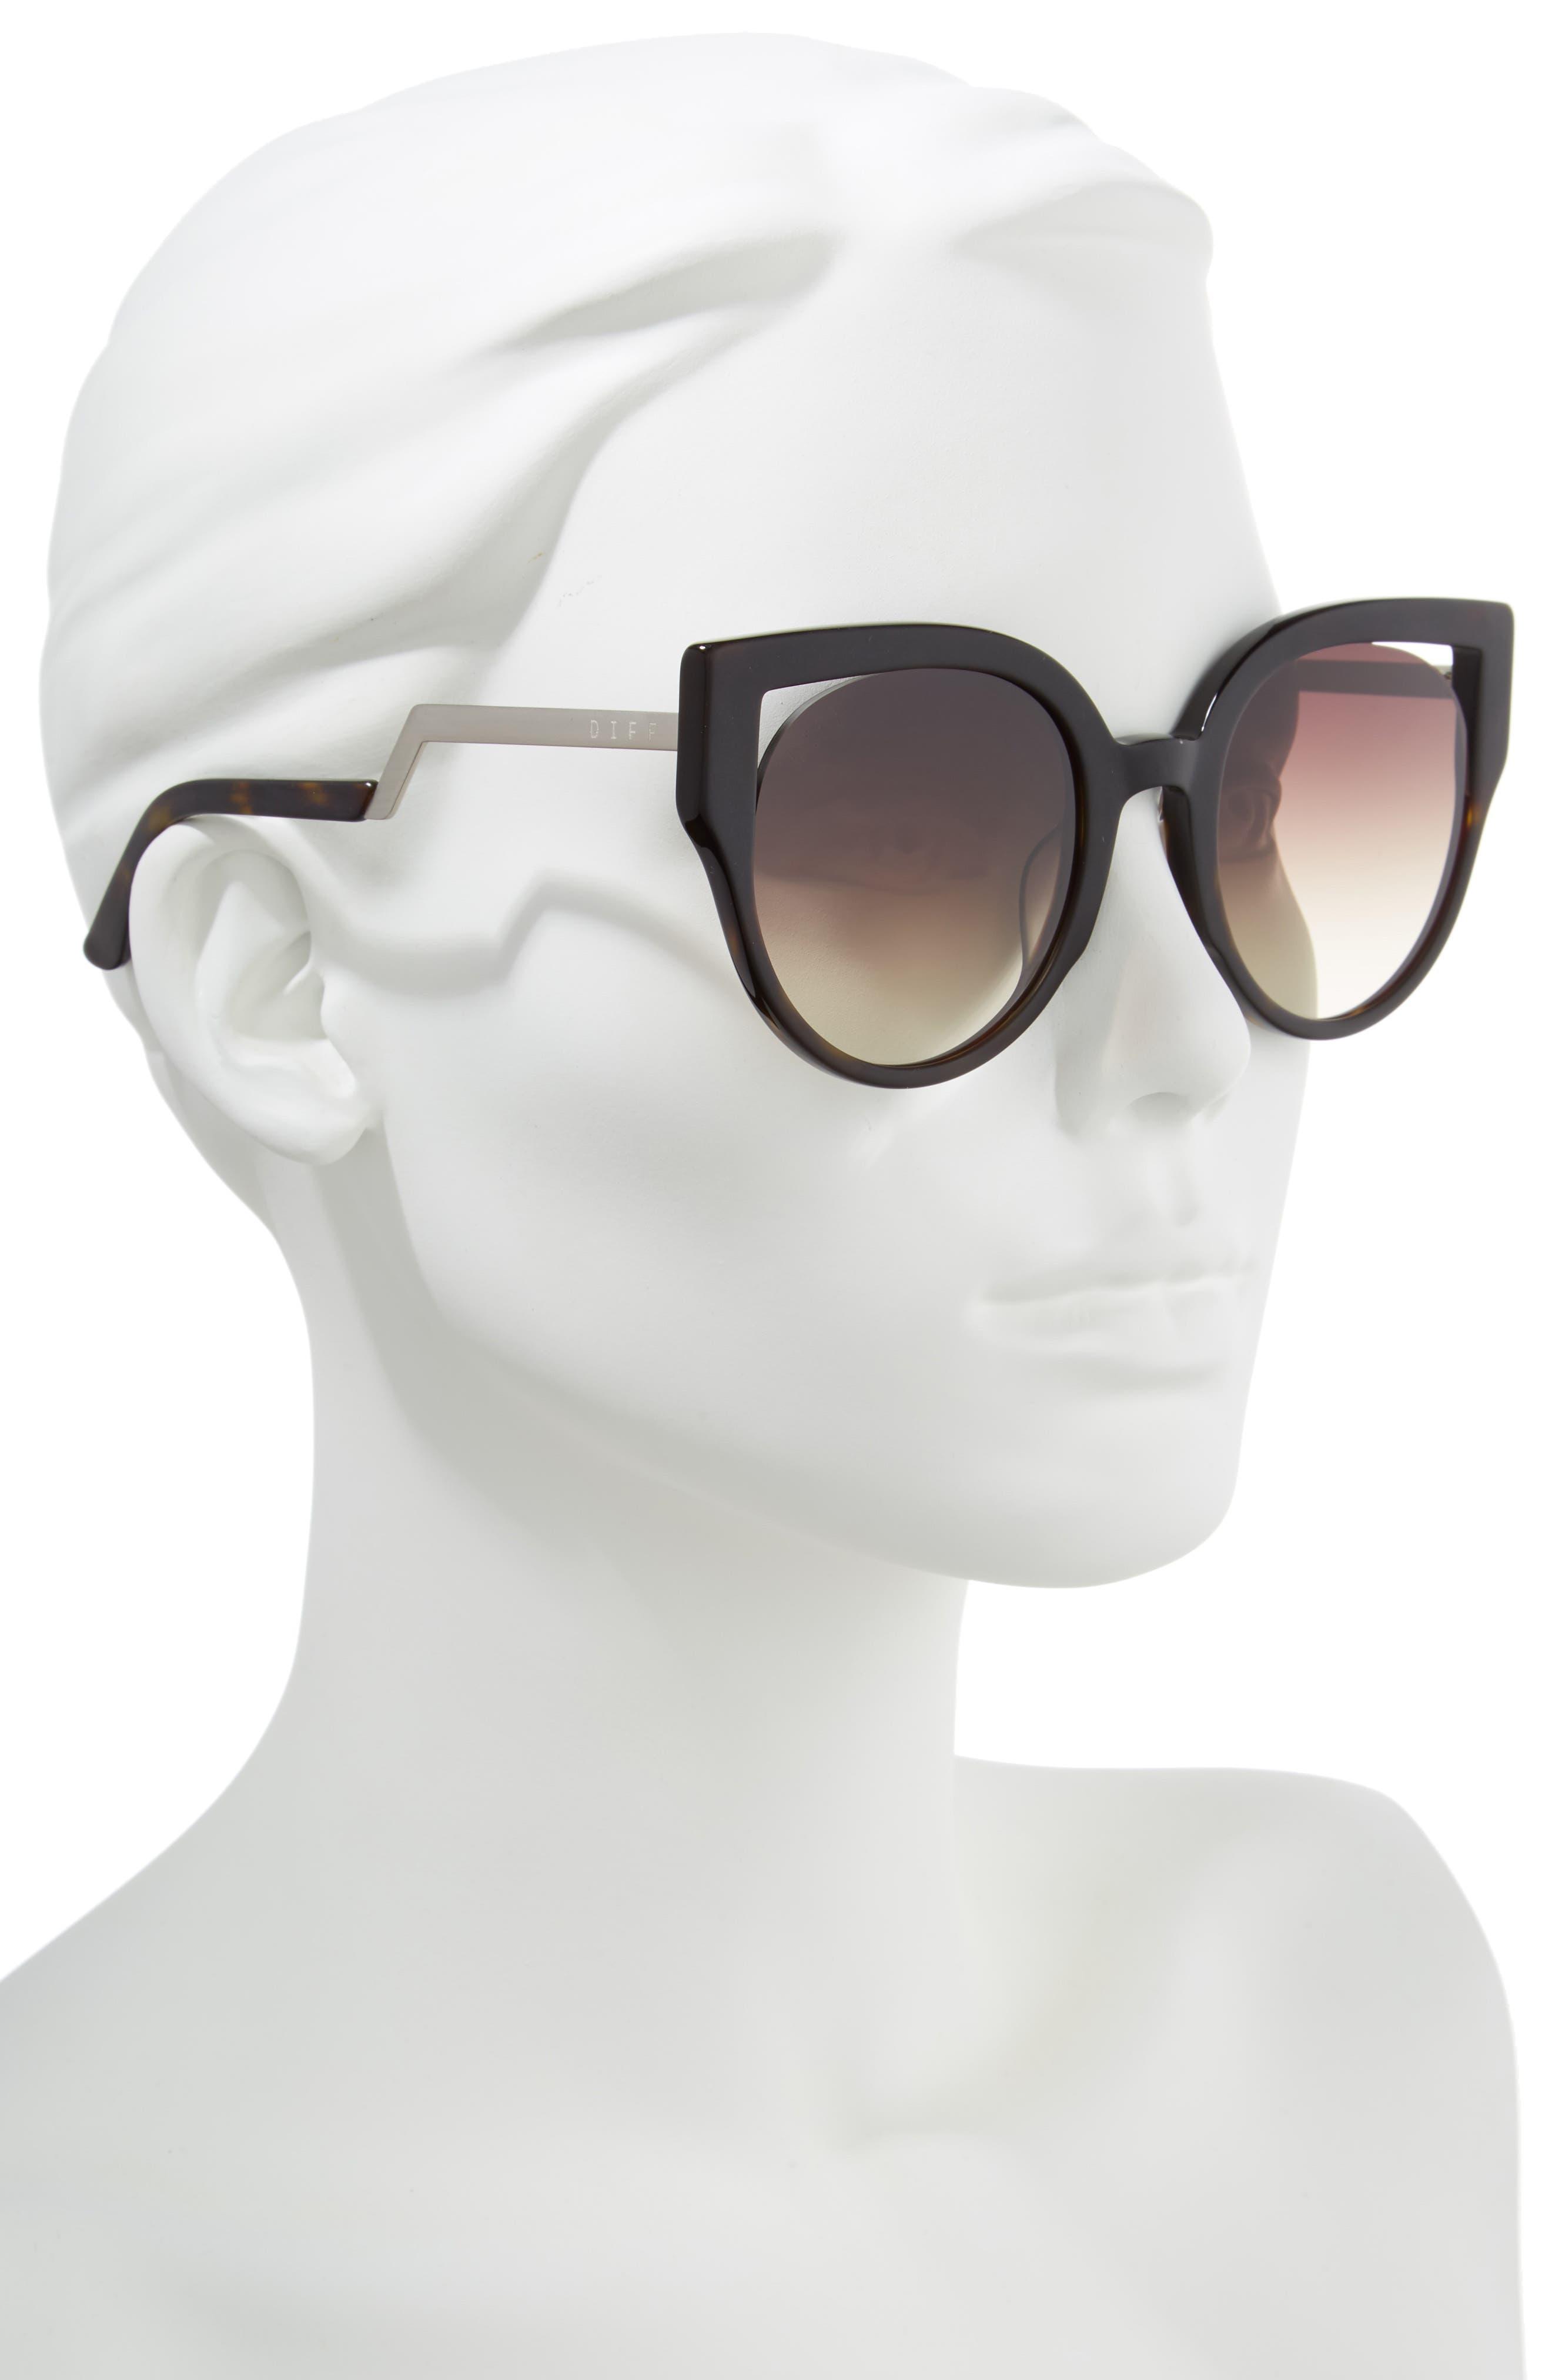 Penny 55mm Cat Eye Sunglasses,                             Alternate thumbnail 2, color,                             MATTE TORTOISE/ BROWN